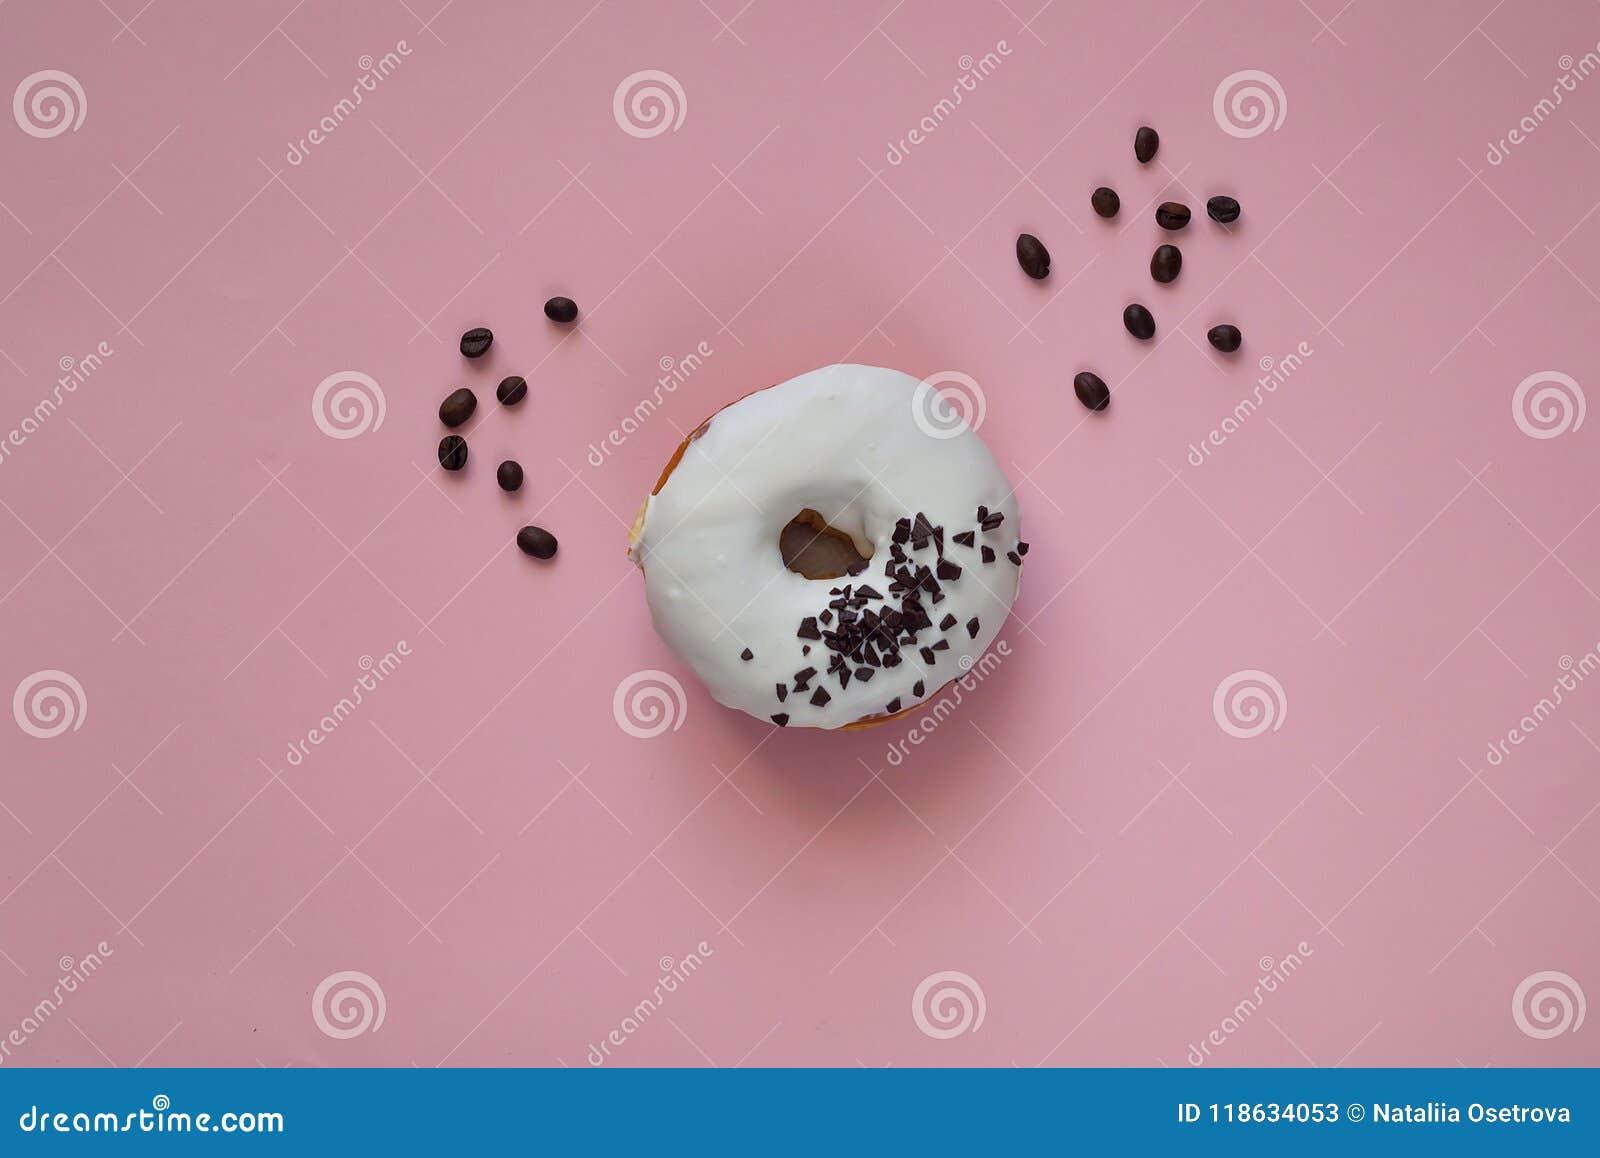 Witte verglaasde doughnut met zwarte chocoladesnoepjes op roze achtergrond Vlak leg Voedselconcept, kleurrijke ontbijtmacro